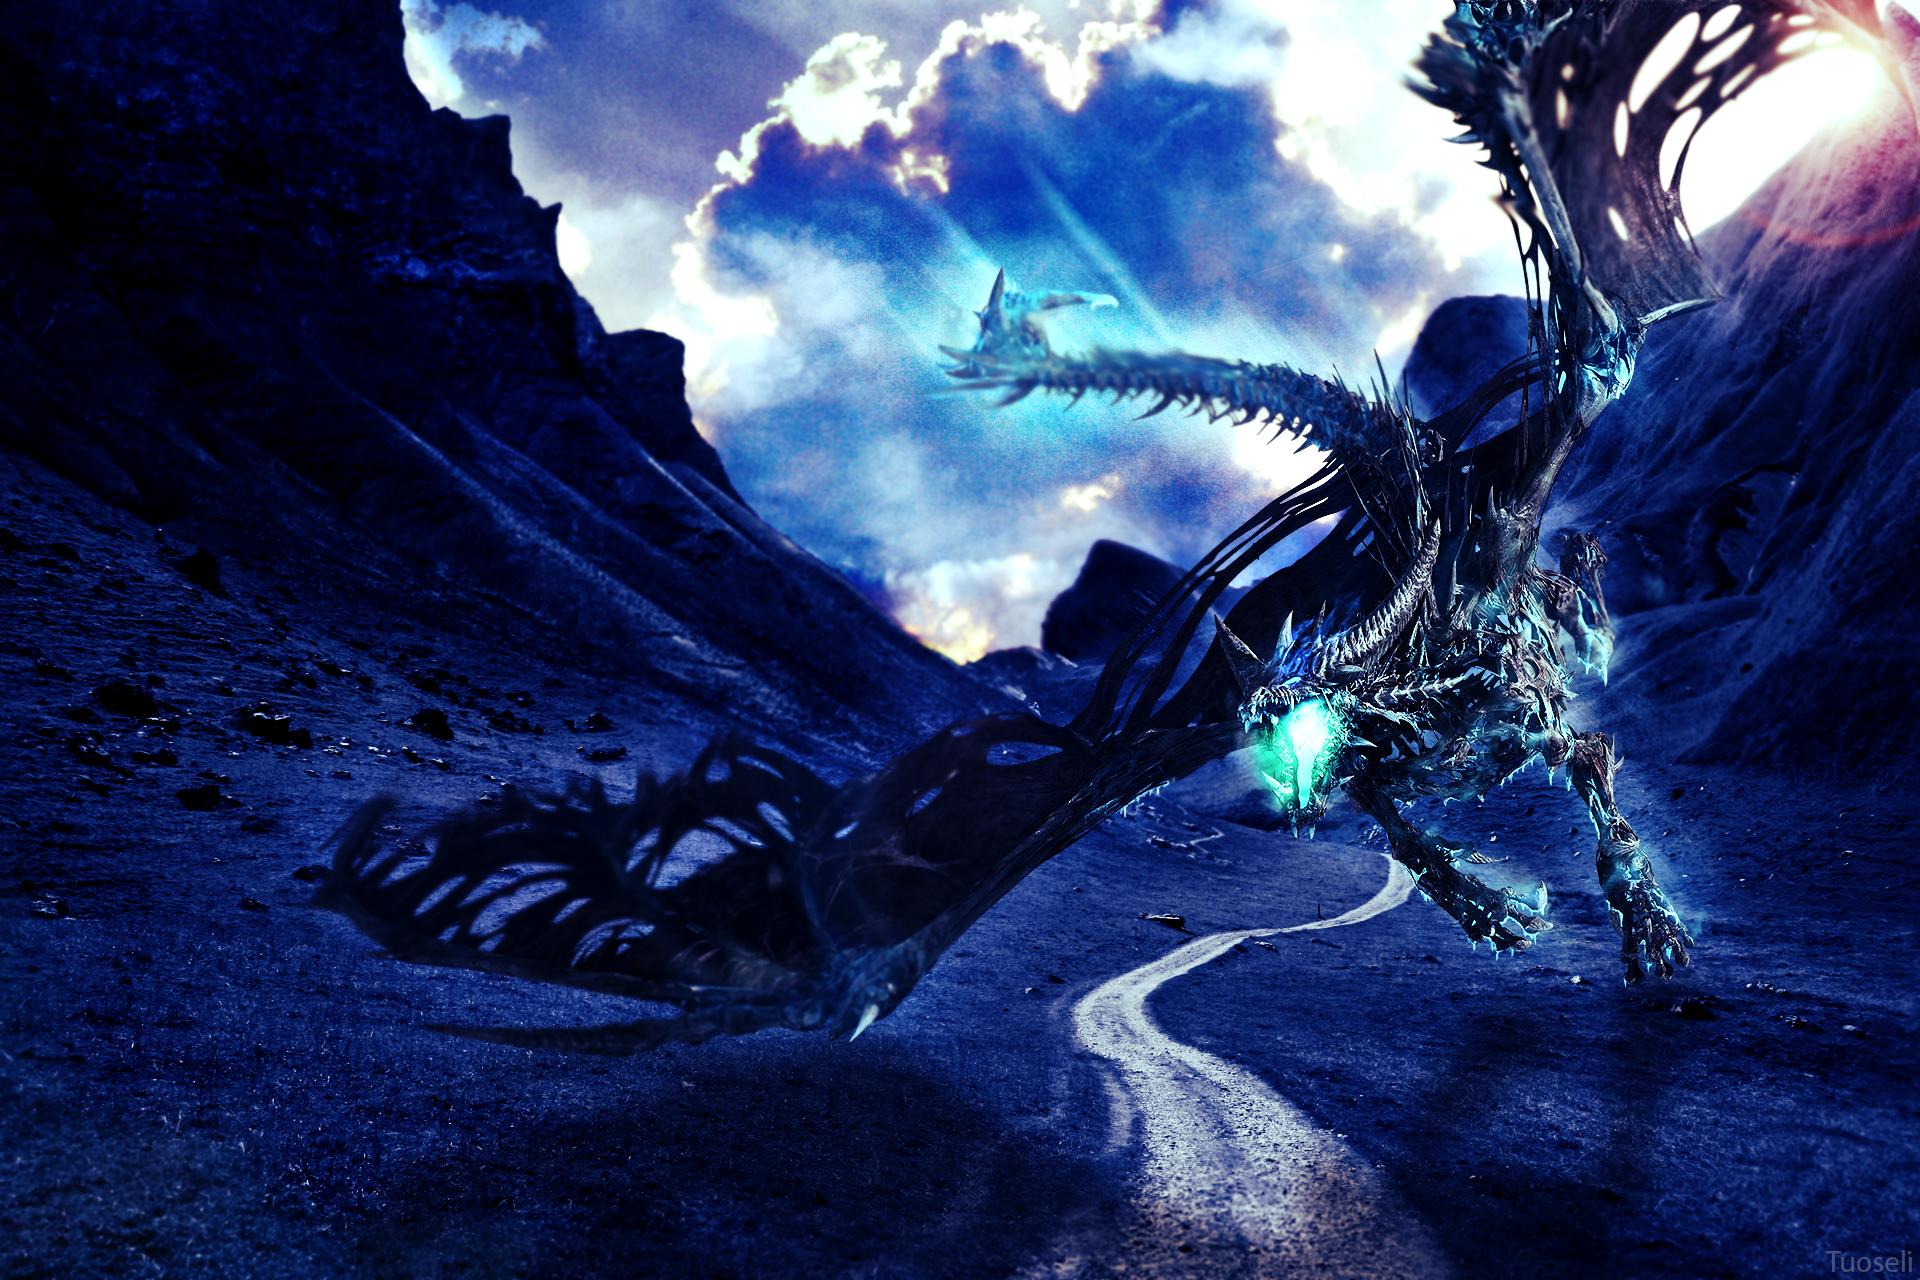 Blue Dragon Wallpaper hd 1080p Blue Dragon Wallpaper hd 1080p 1920x1280